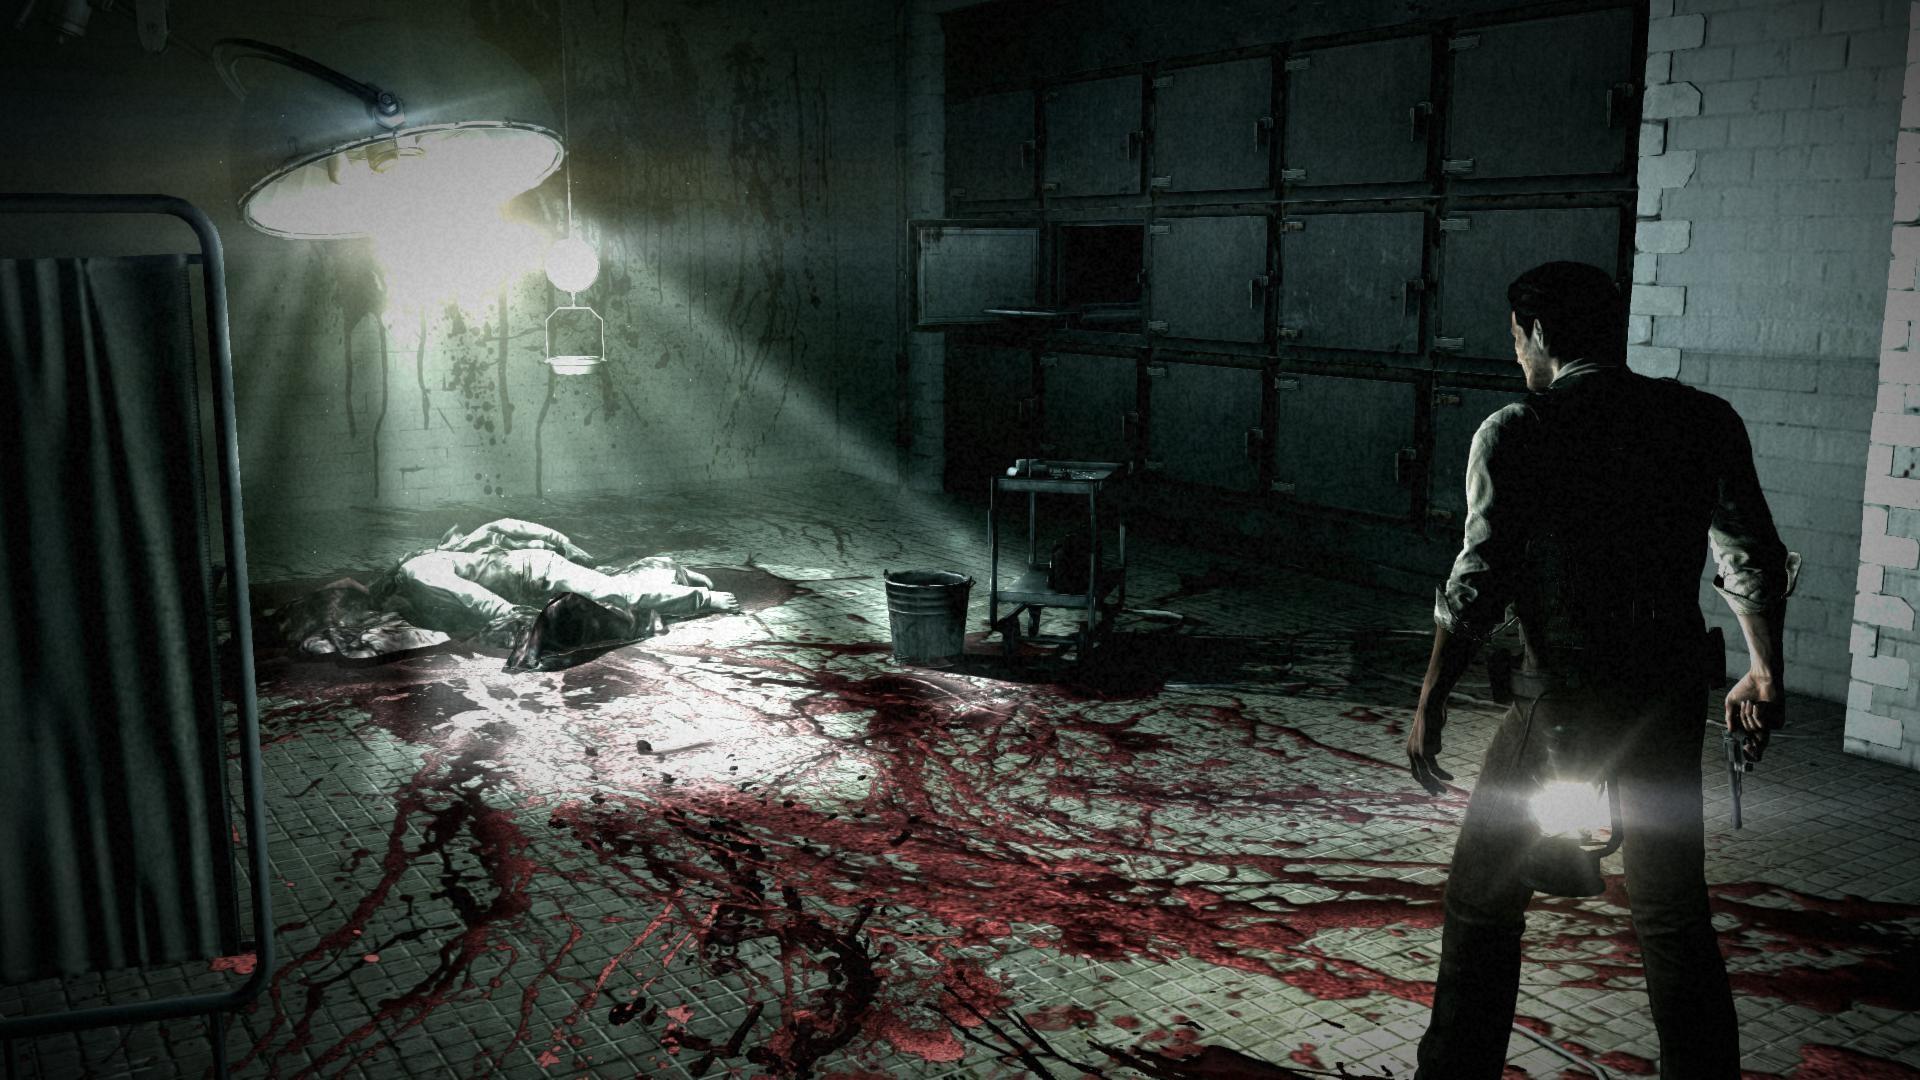 Obrazem: Nezáviděné situace detektiva v hororu The Evil Within 85424